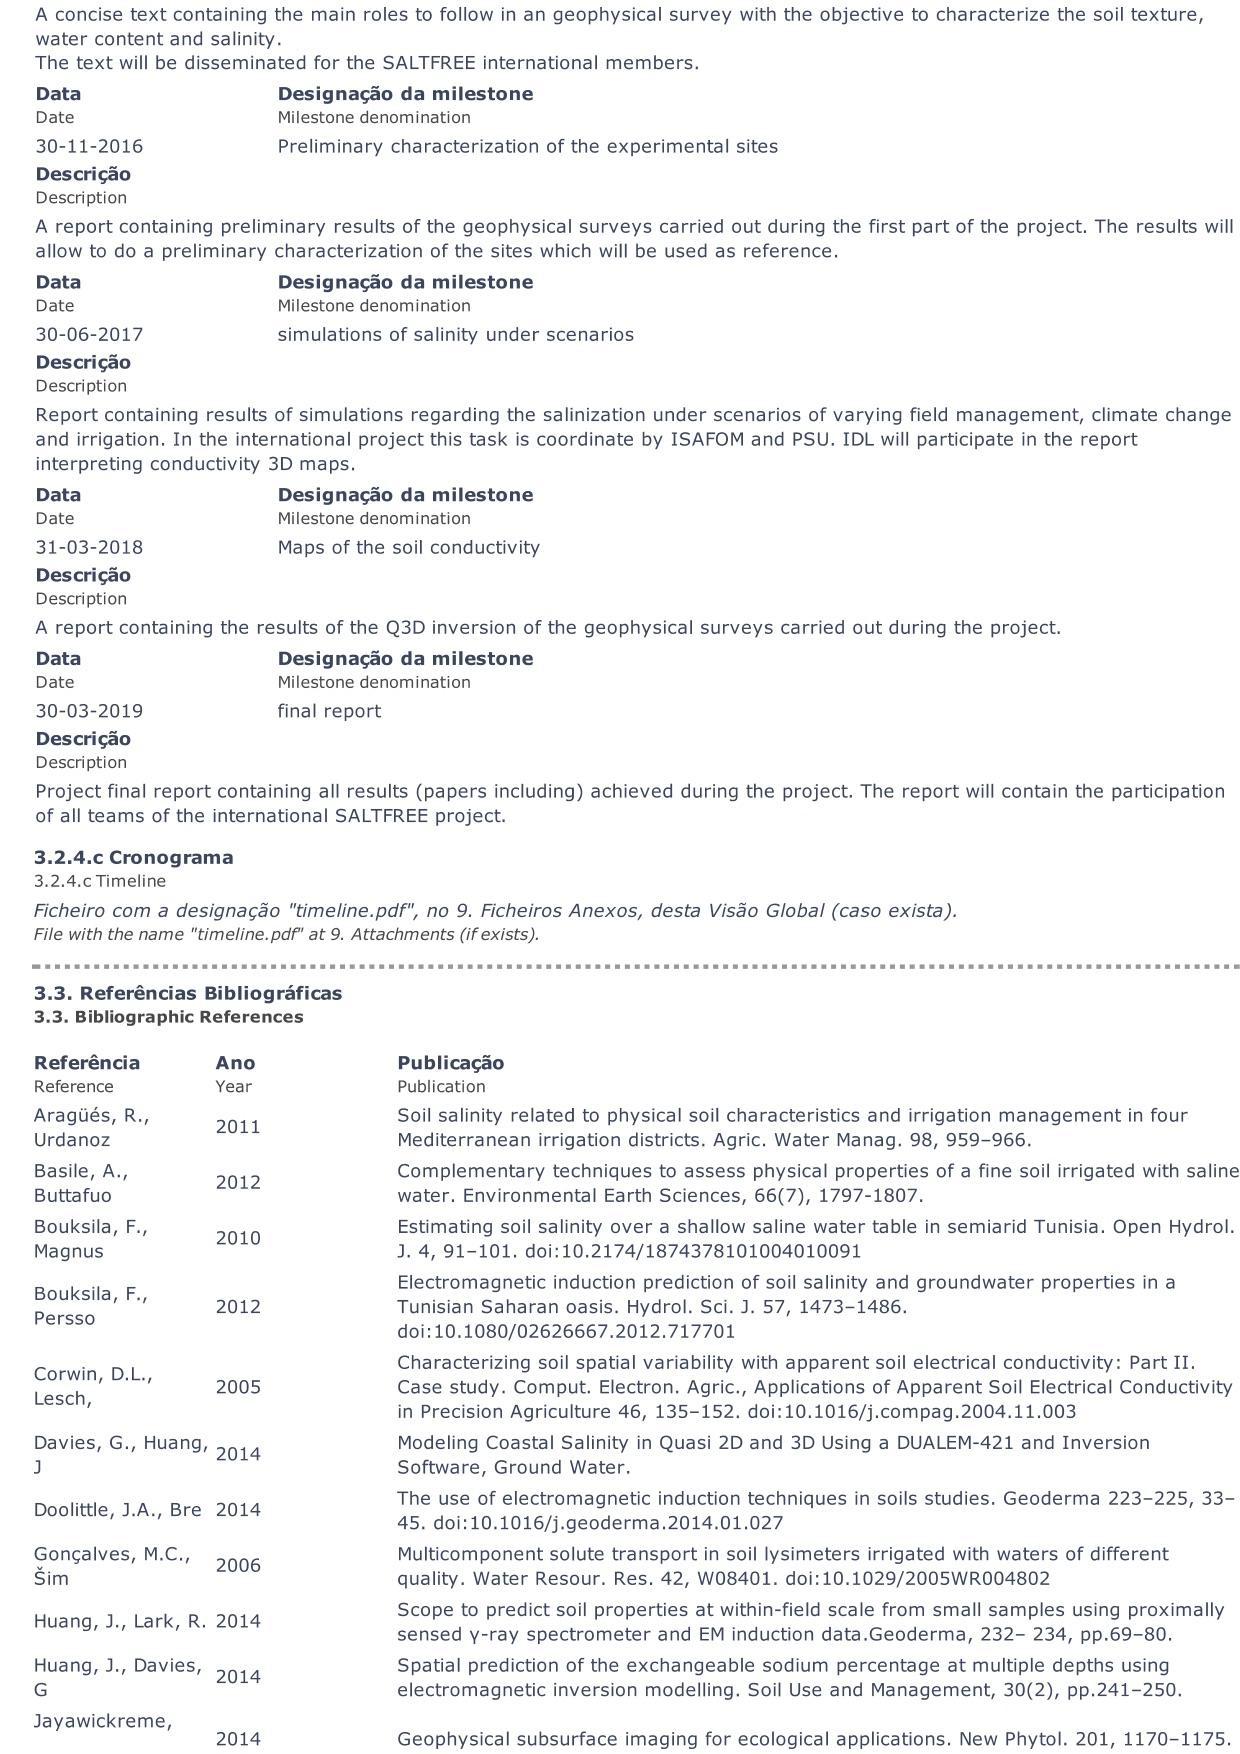 FCT _ PROJECTOS DE INVESTIGAÇÃO CIENTÍFICA E DESENVOLVIMENTO TECNOLOGICO7.jpg